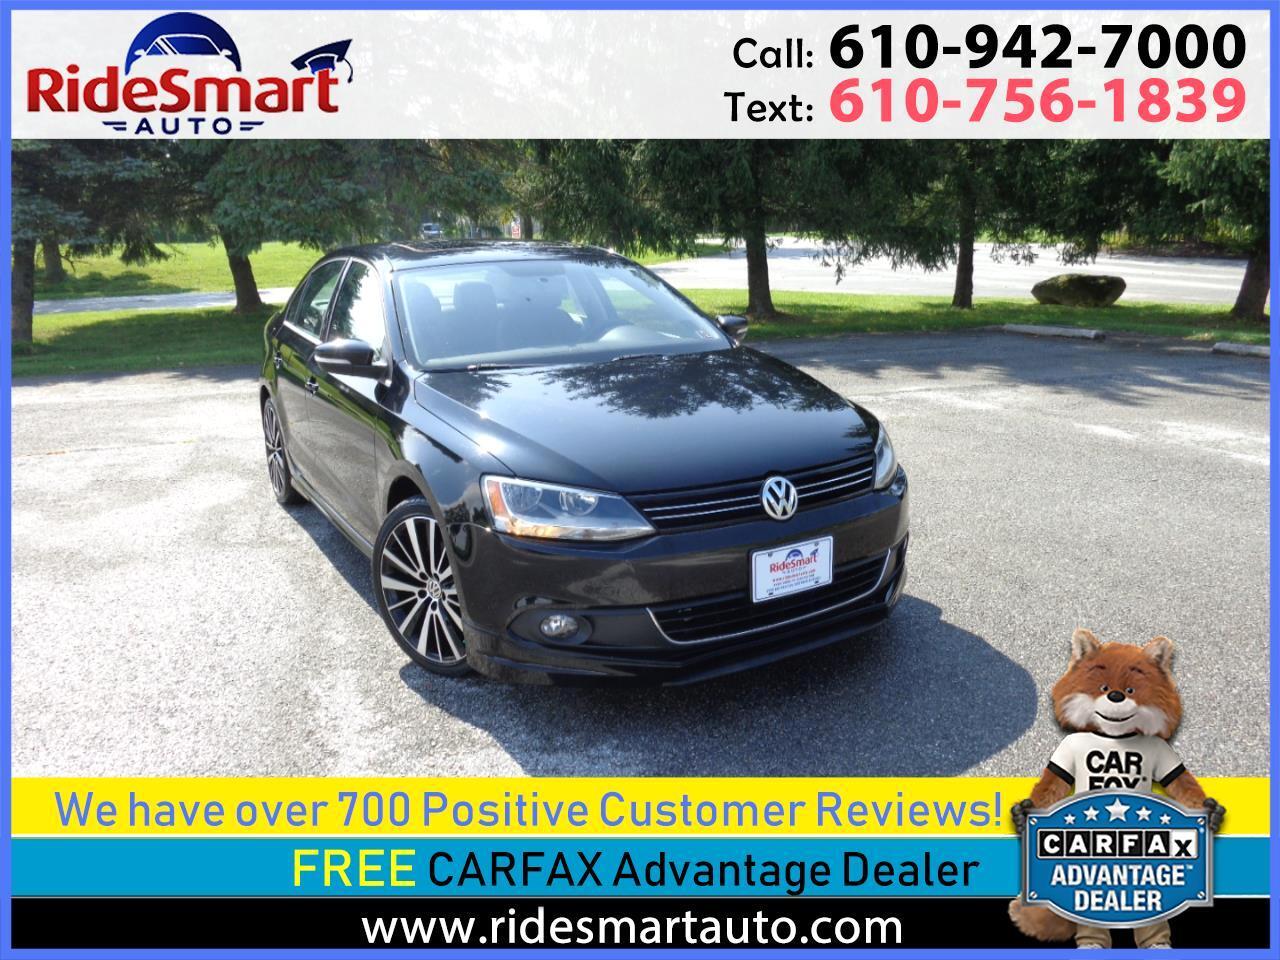 2014 Volkswagen Jetta TDI w/Premium/Navigation & Sport Package